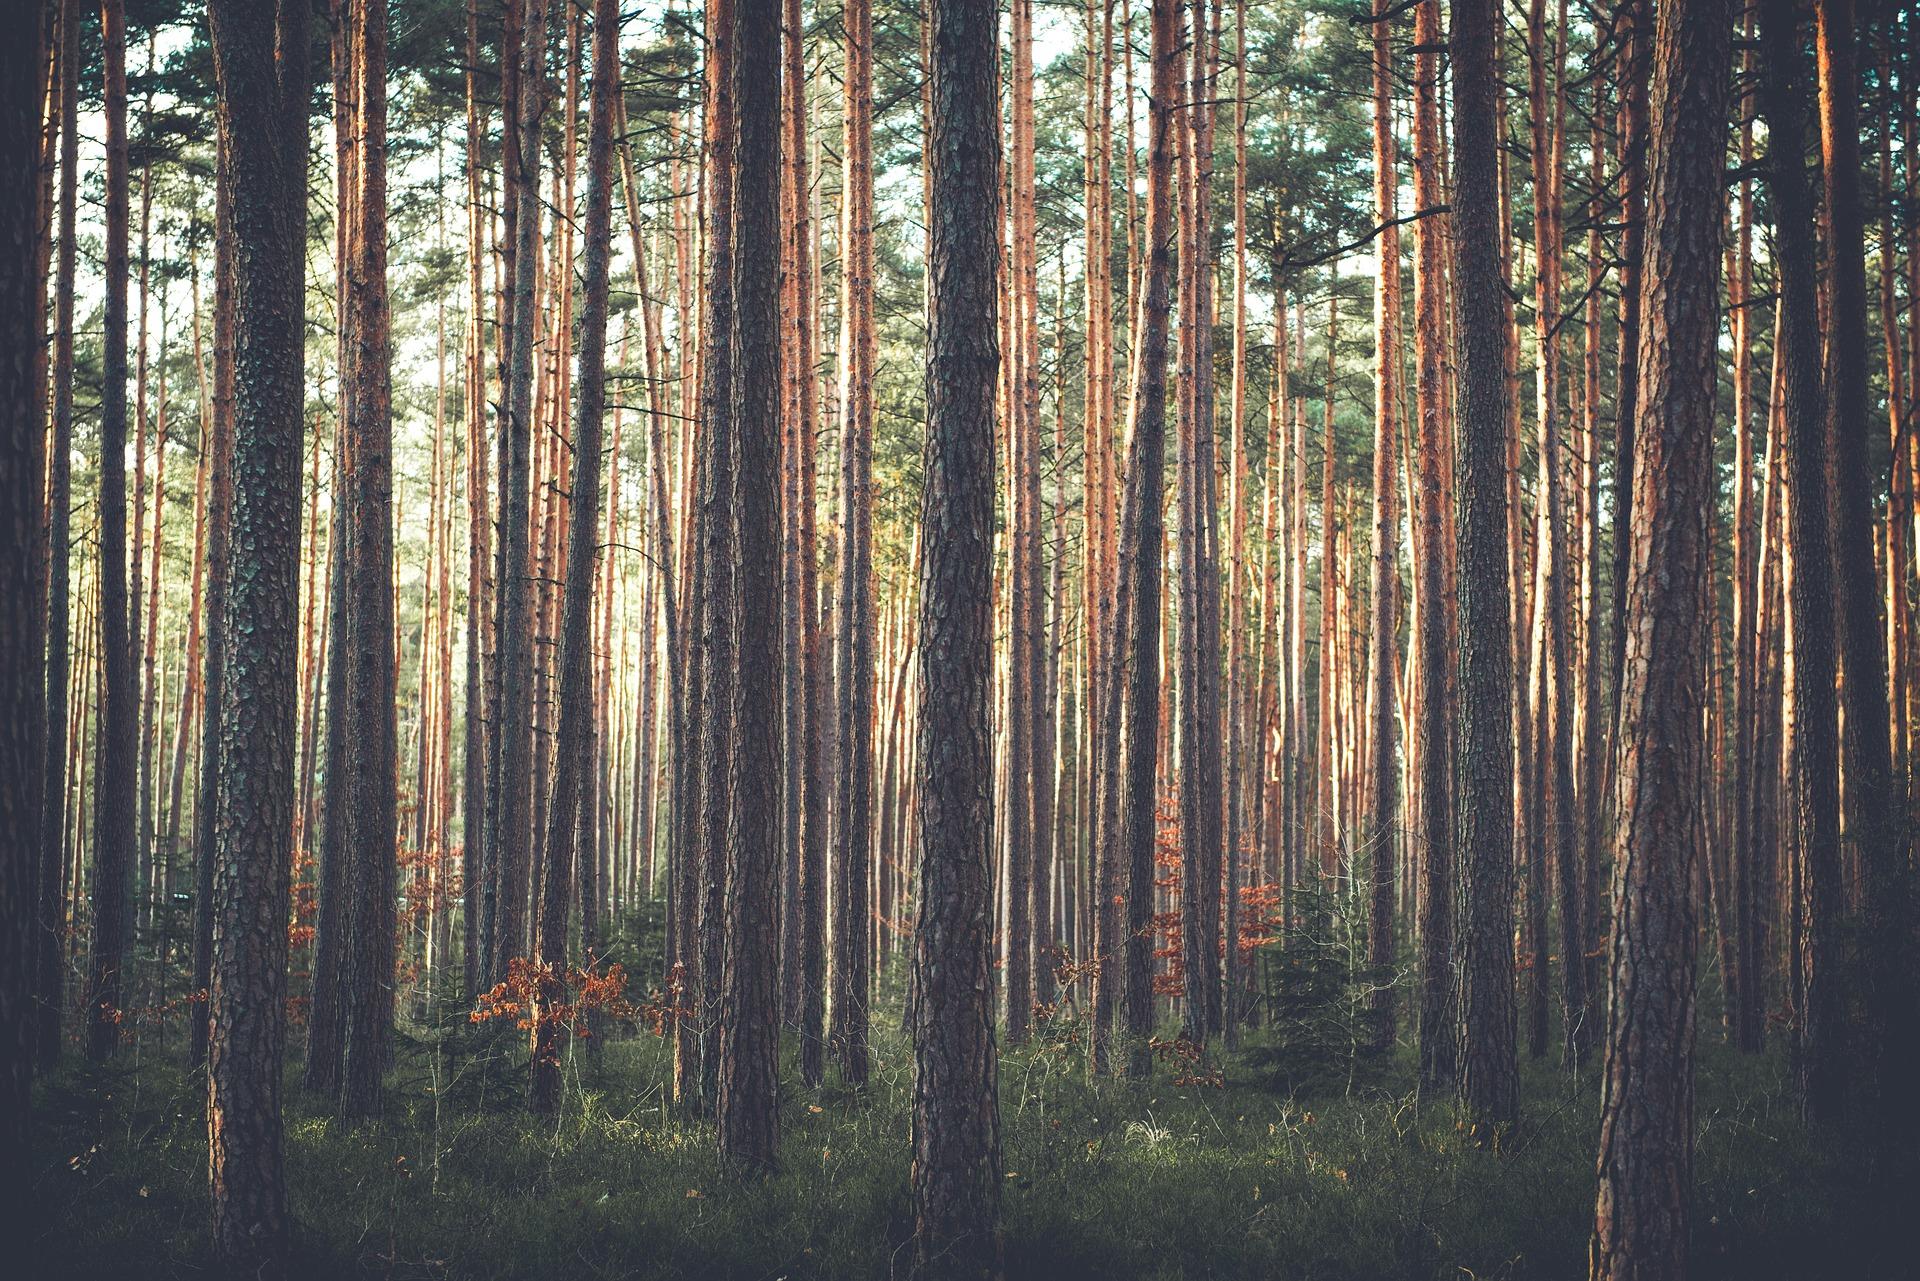 trees-1209088_1920